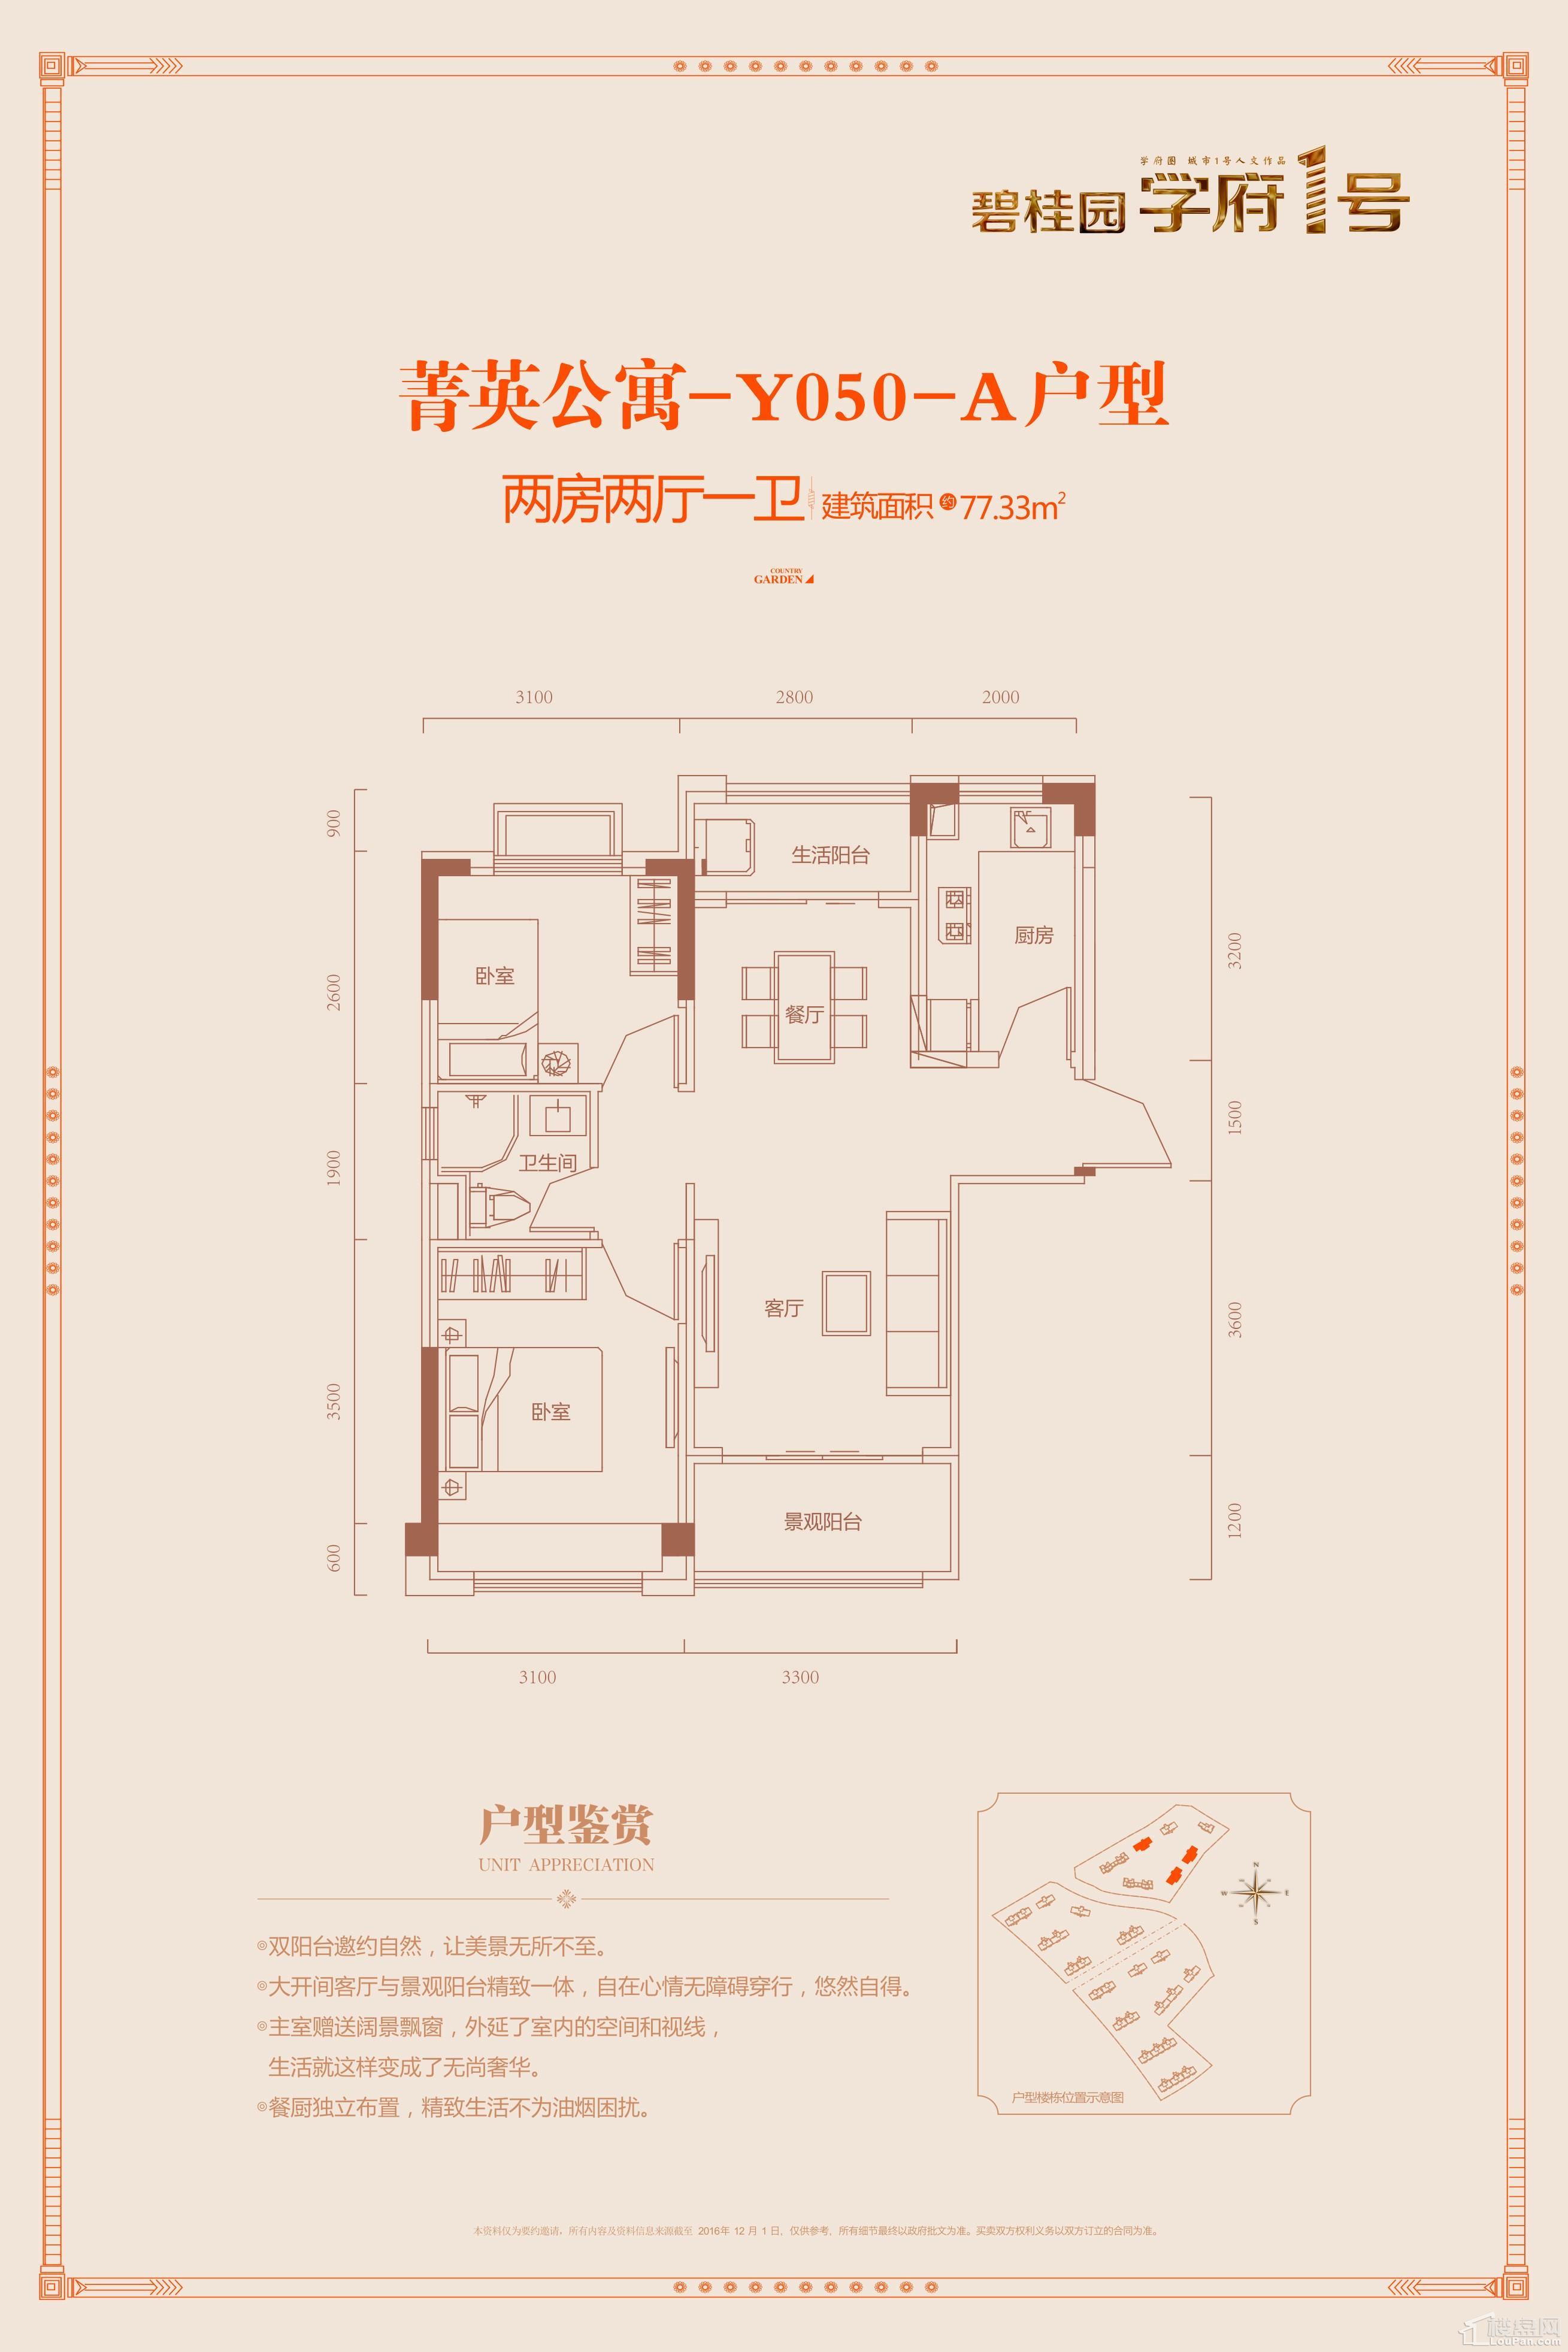 菁英公寓-Y050-A户型